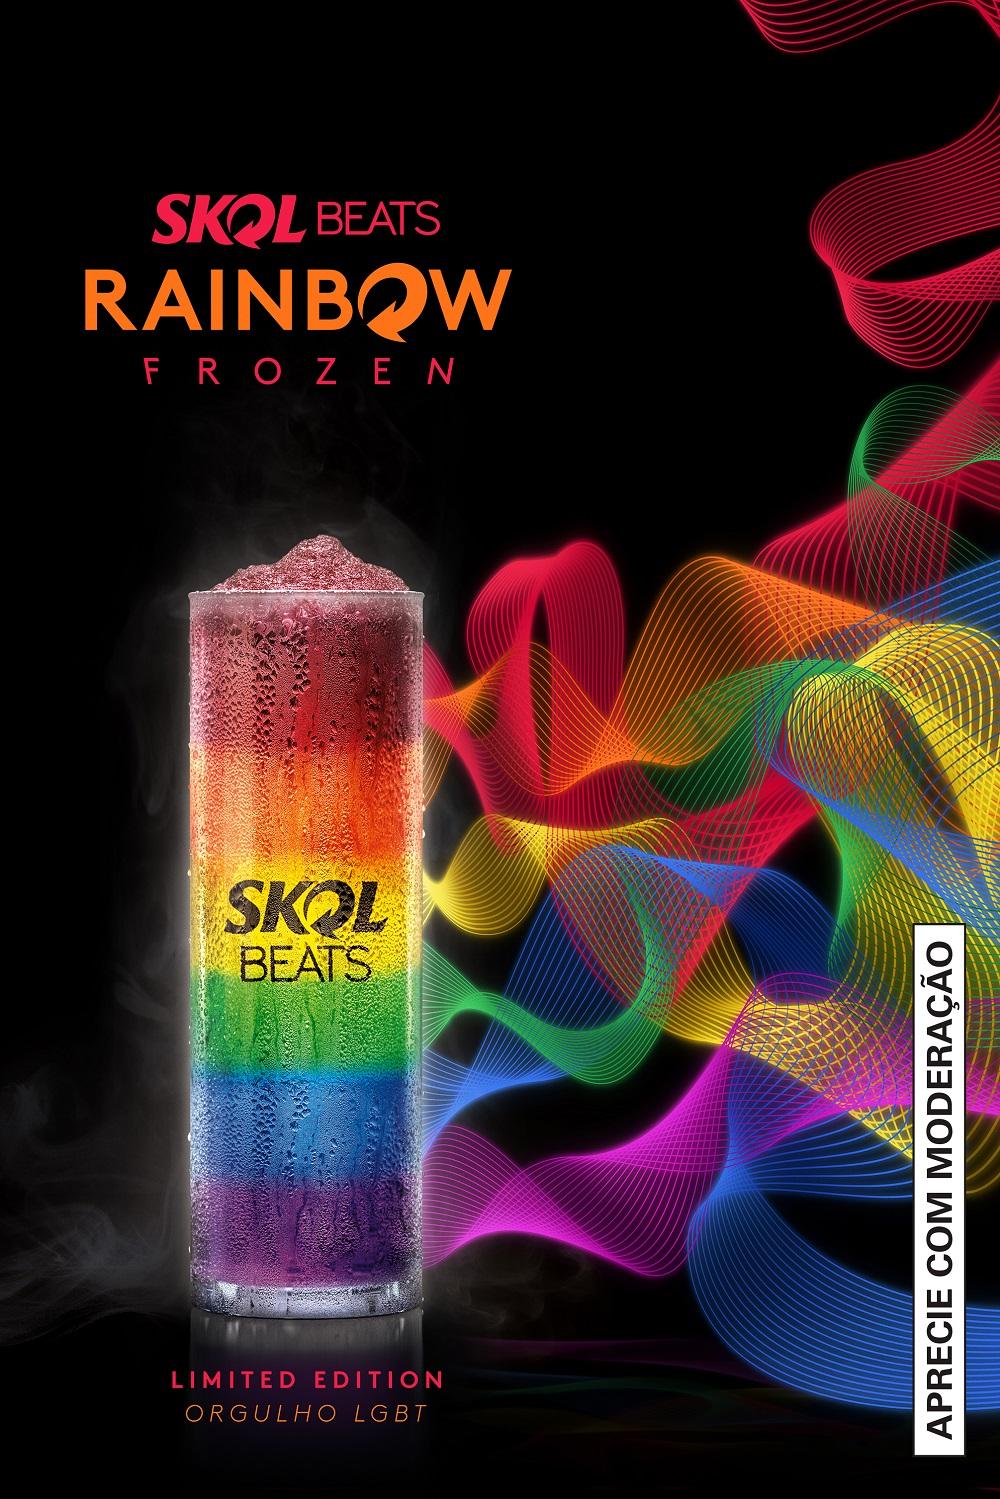 Bebida uniu várias versões da Skol Beats (Foto: Divulgação)